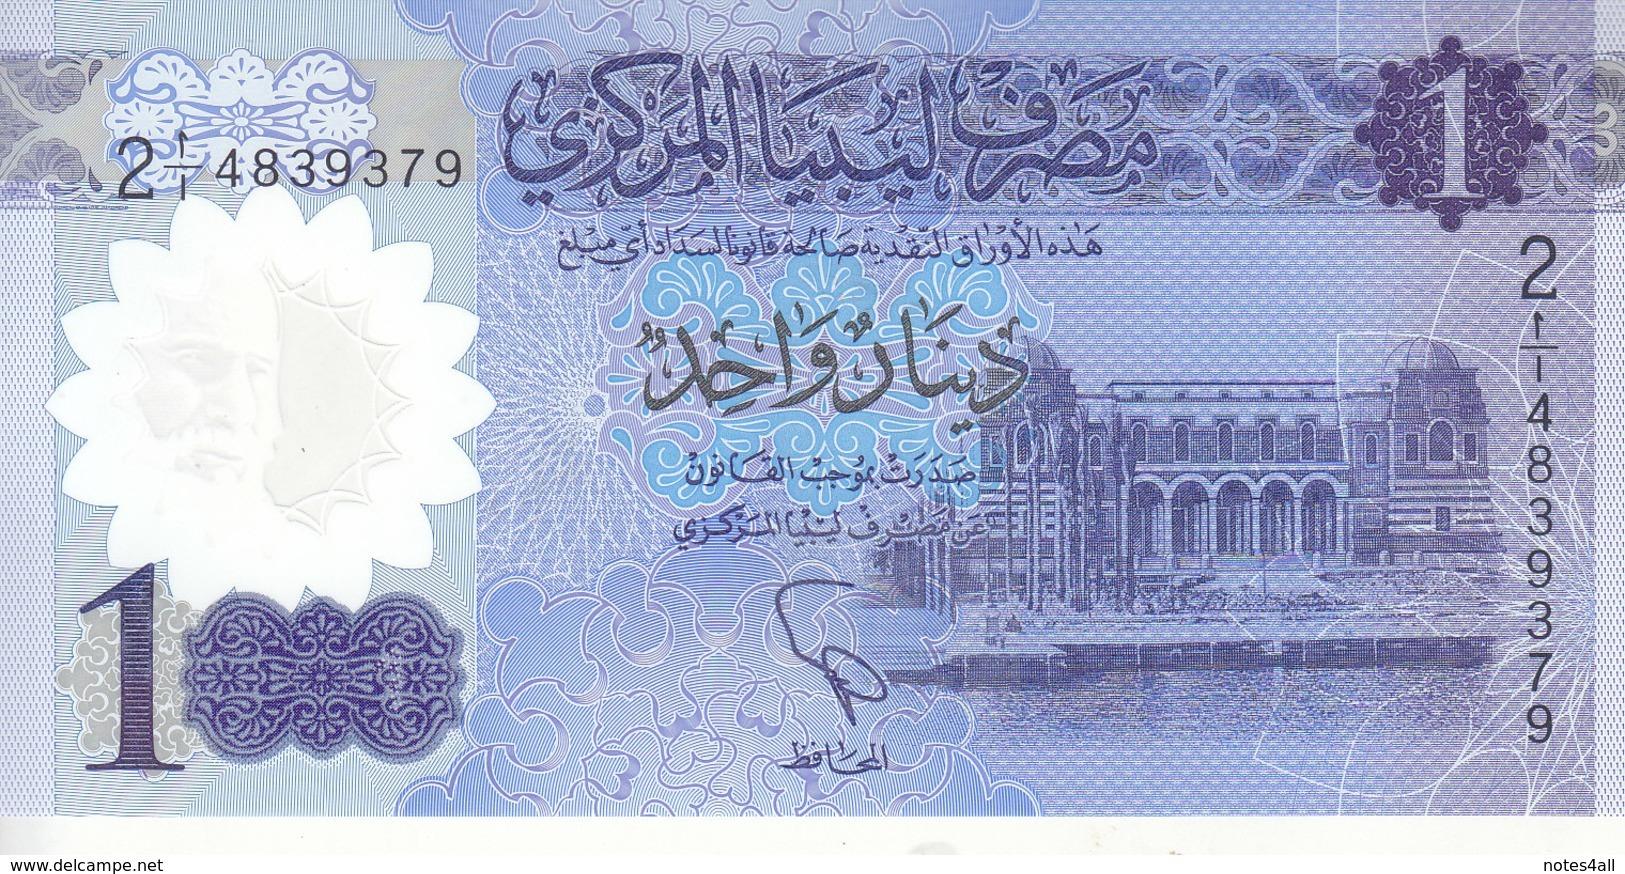 LIBYA 1 DINAR 2019 P-new FIRST START PREFIX (1) .. POLYMER UNC */* - Libya